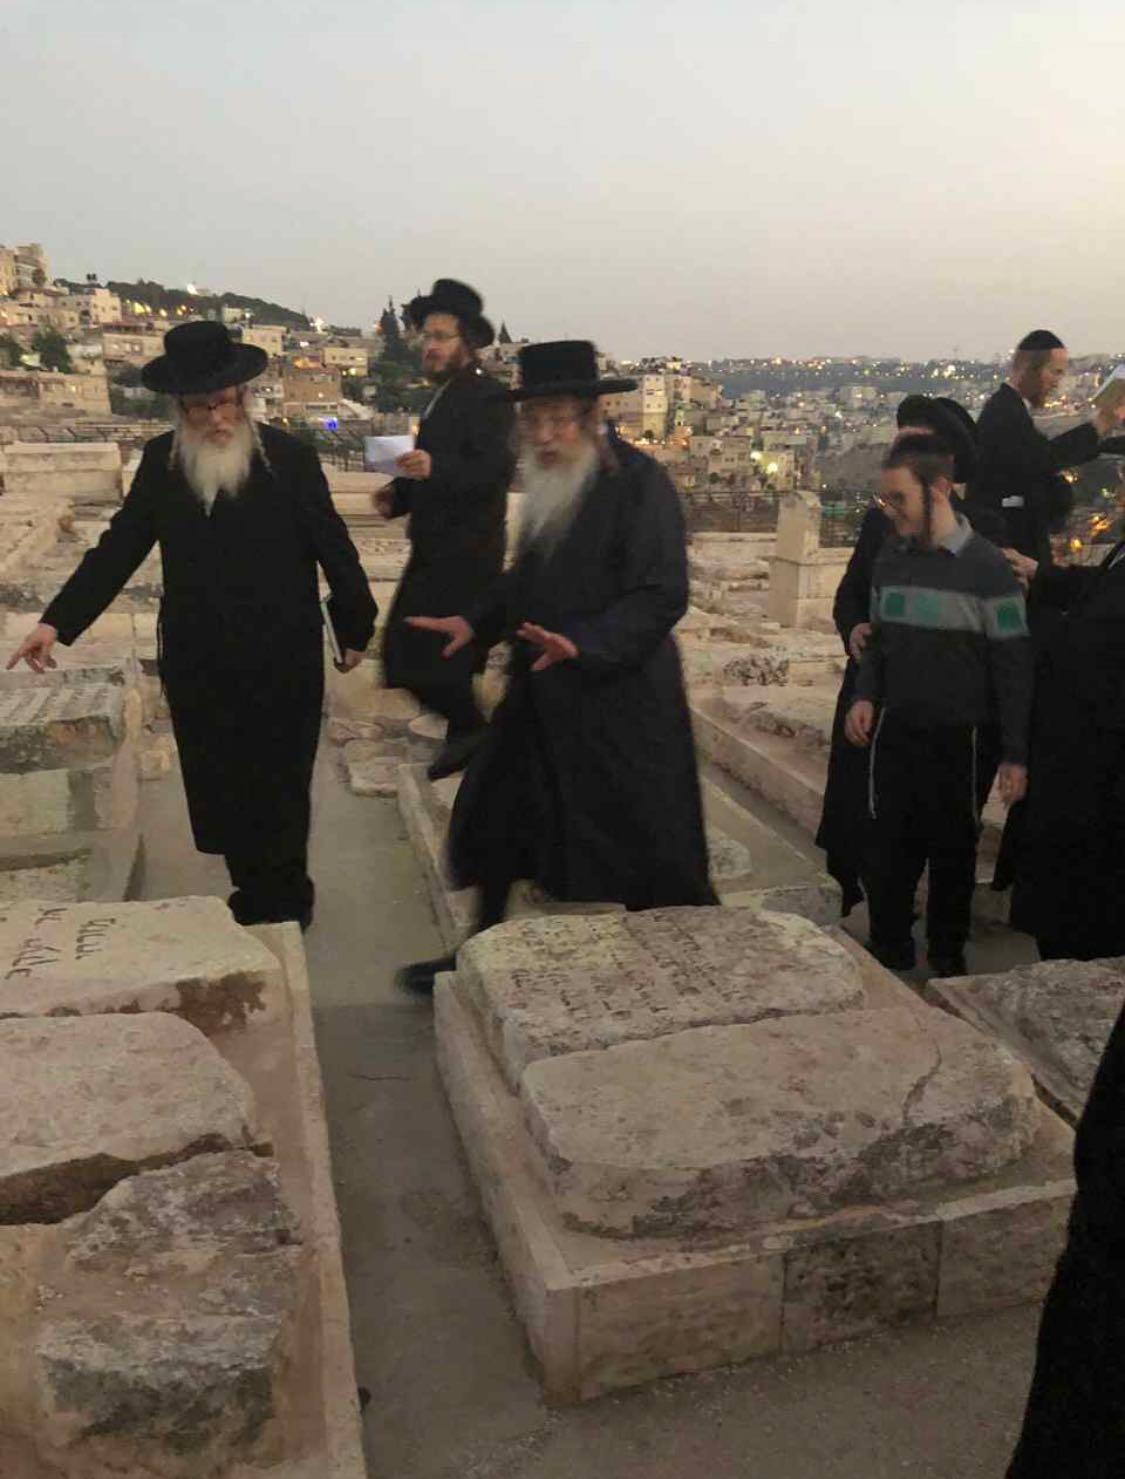 תיעוד: הרבי מקנדה הגיע לביקור ראשון בישראל